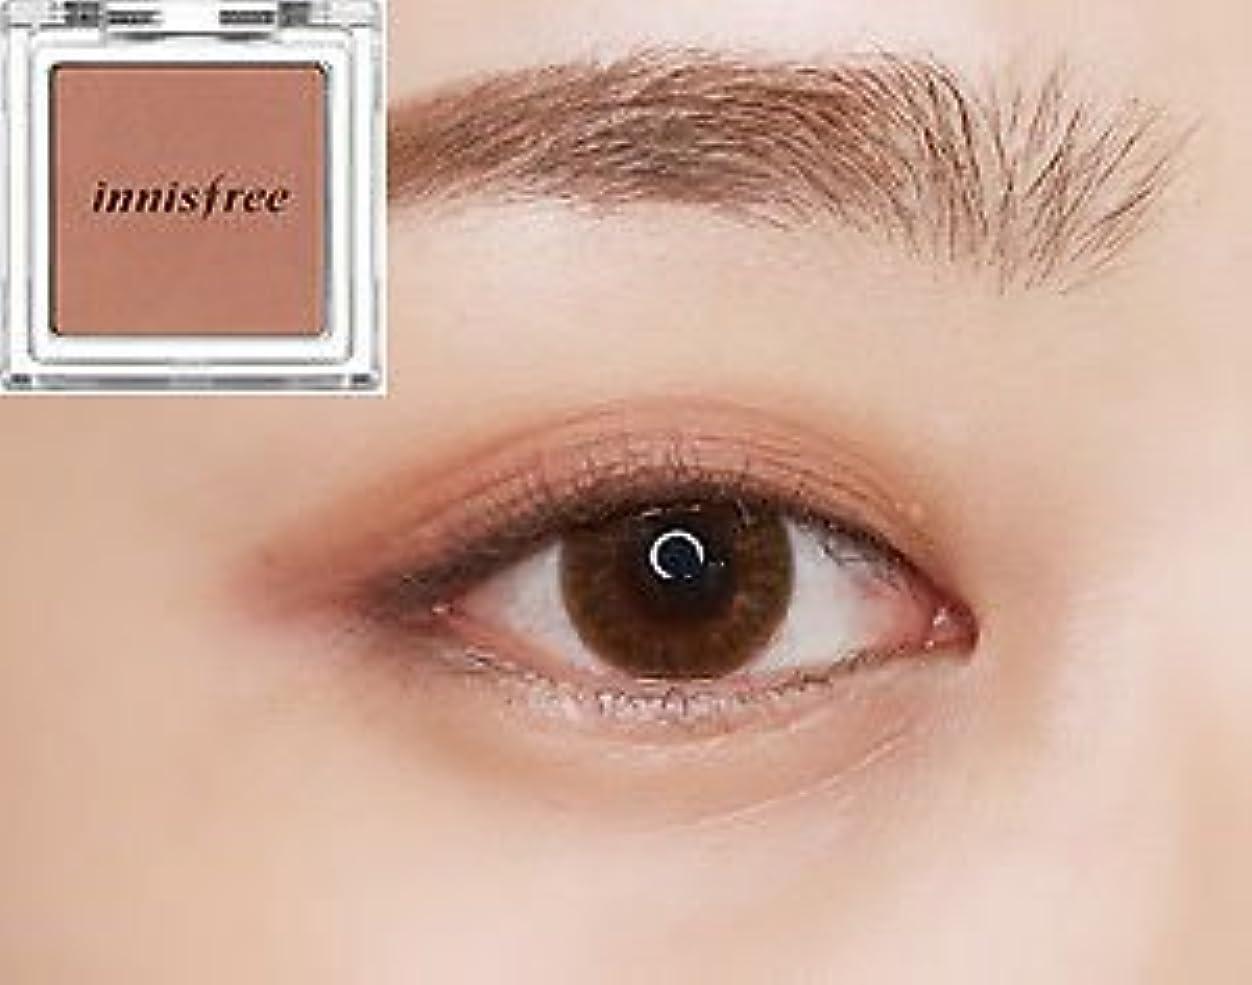 助言するクリープ重々しい[イニスフリー] innisfree [マイ パレット マイ アイシャドウ (マット) 40カラー] MY PALETTE My Eyeshadow (Matte) 40 Shades [海外直送品] (マット #23)